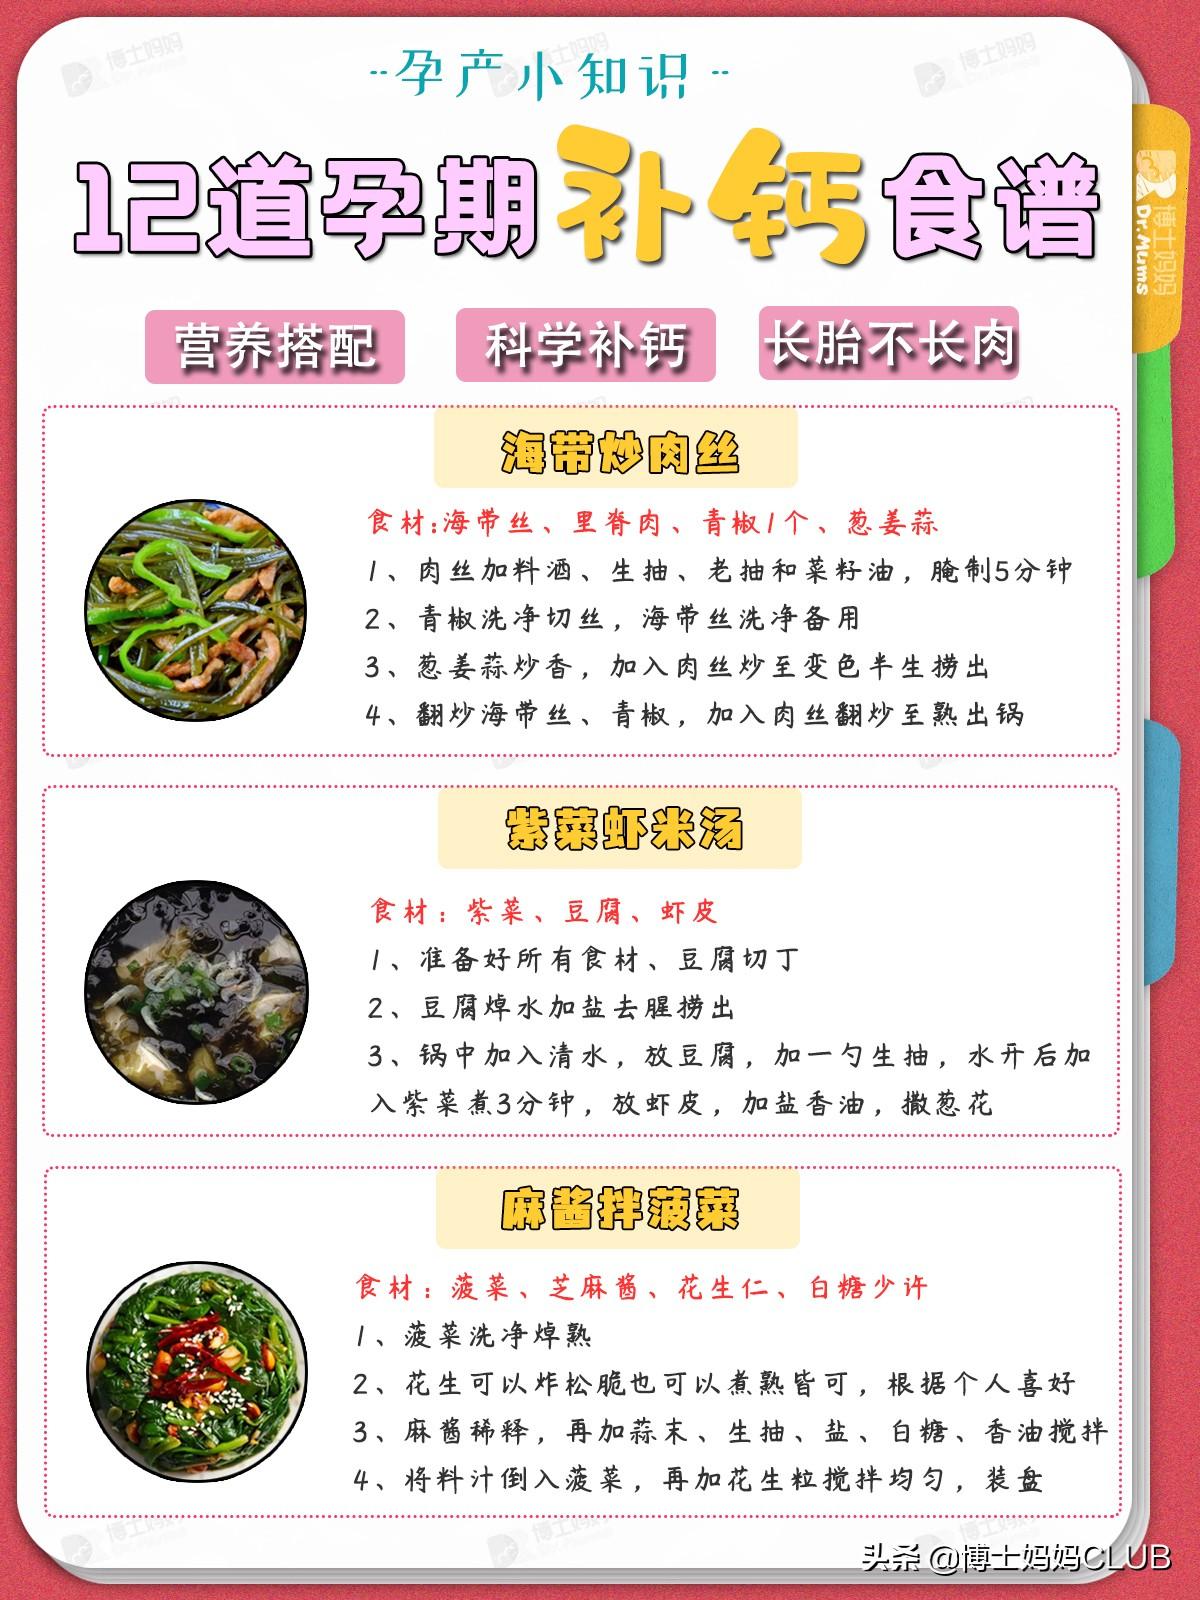 12款孕期超级补钙食谱,荤素搭配,营养又好吃!附详细做法 孕妇菜谱 第4张